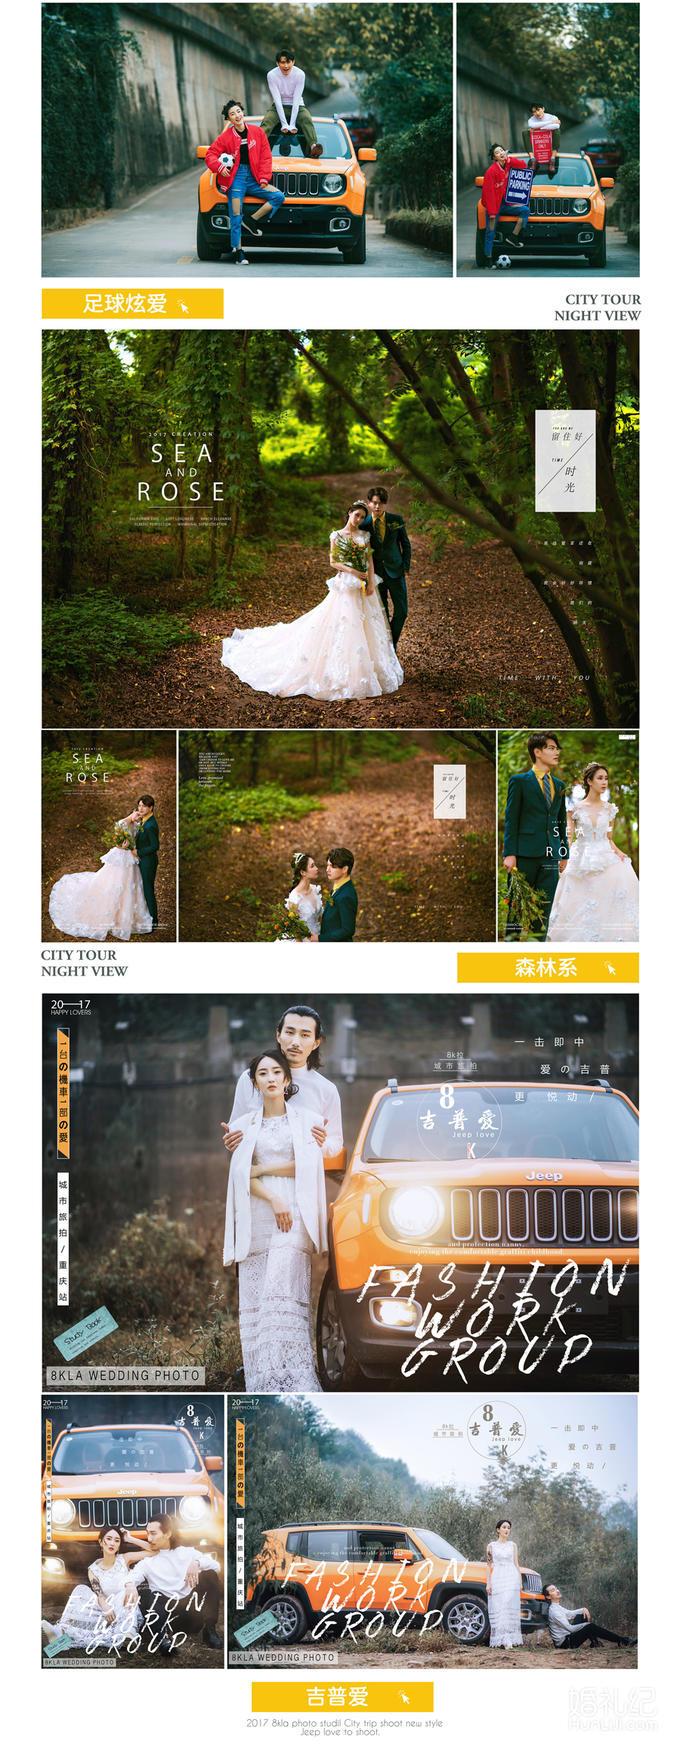 【艾菲尔系列】百万花海唯美大气婚纱照|主题不限